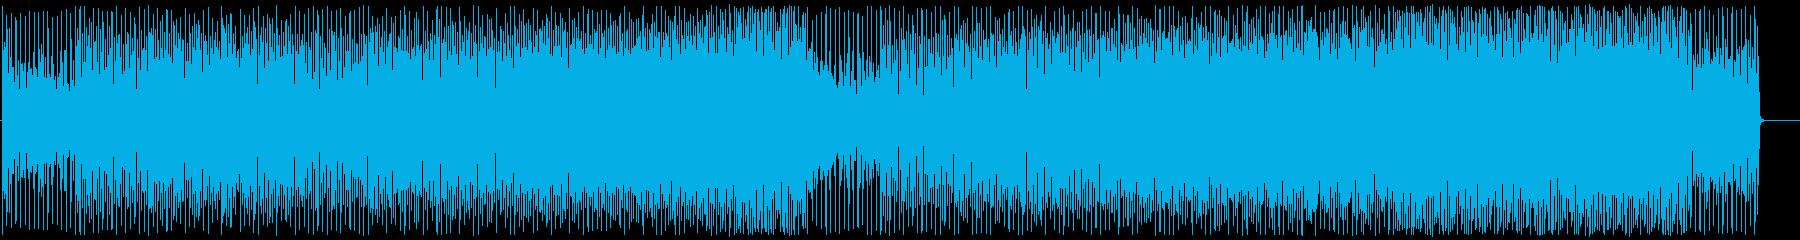 ノリの良いクラブダンスチューンの再生済みの波形